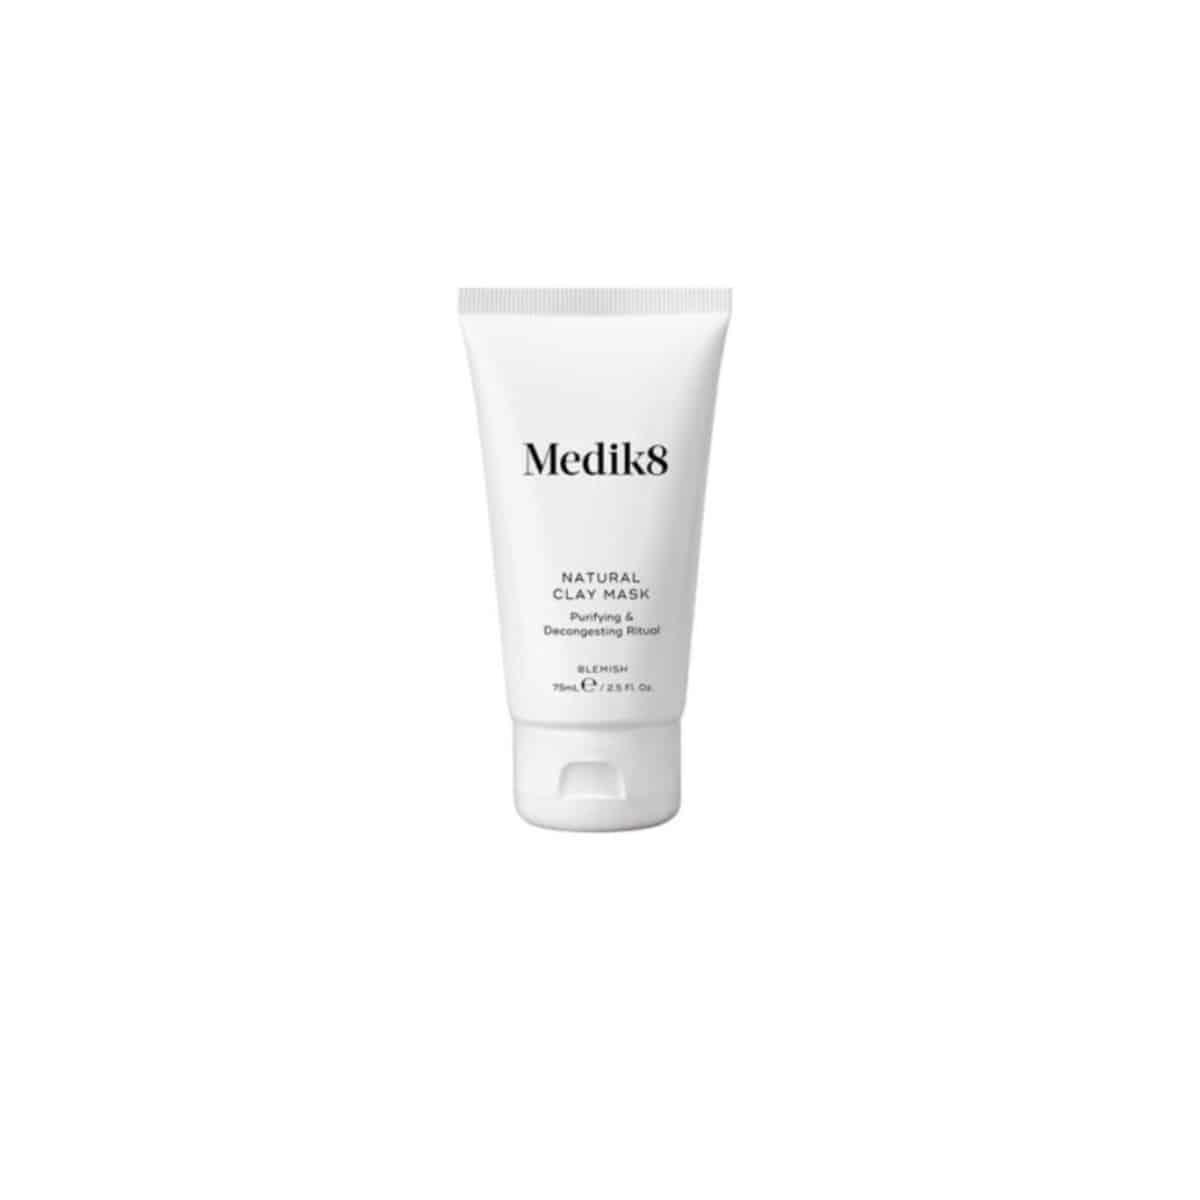 Medik8 Natural Clay Mask Ireland